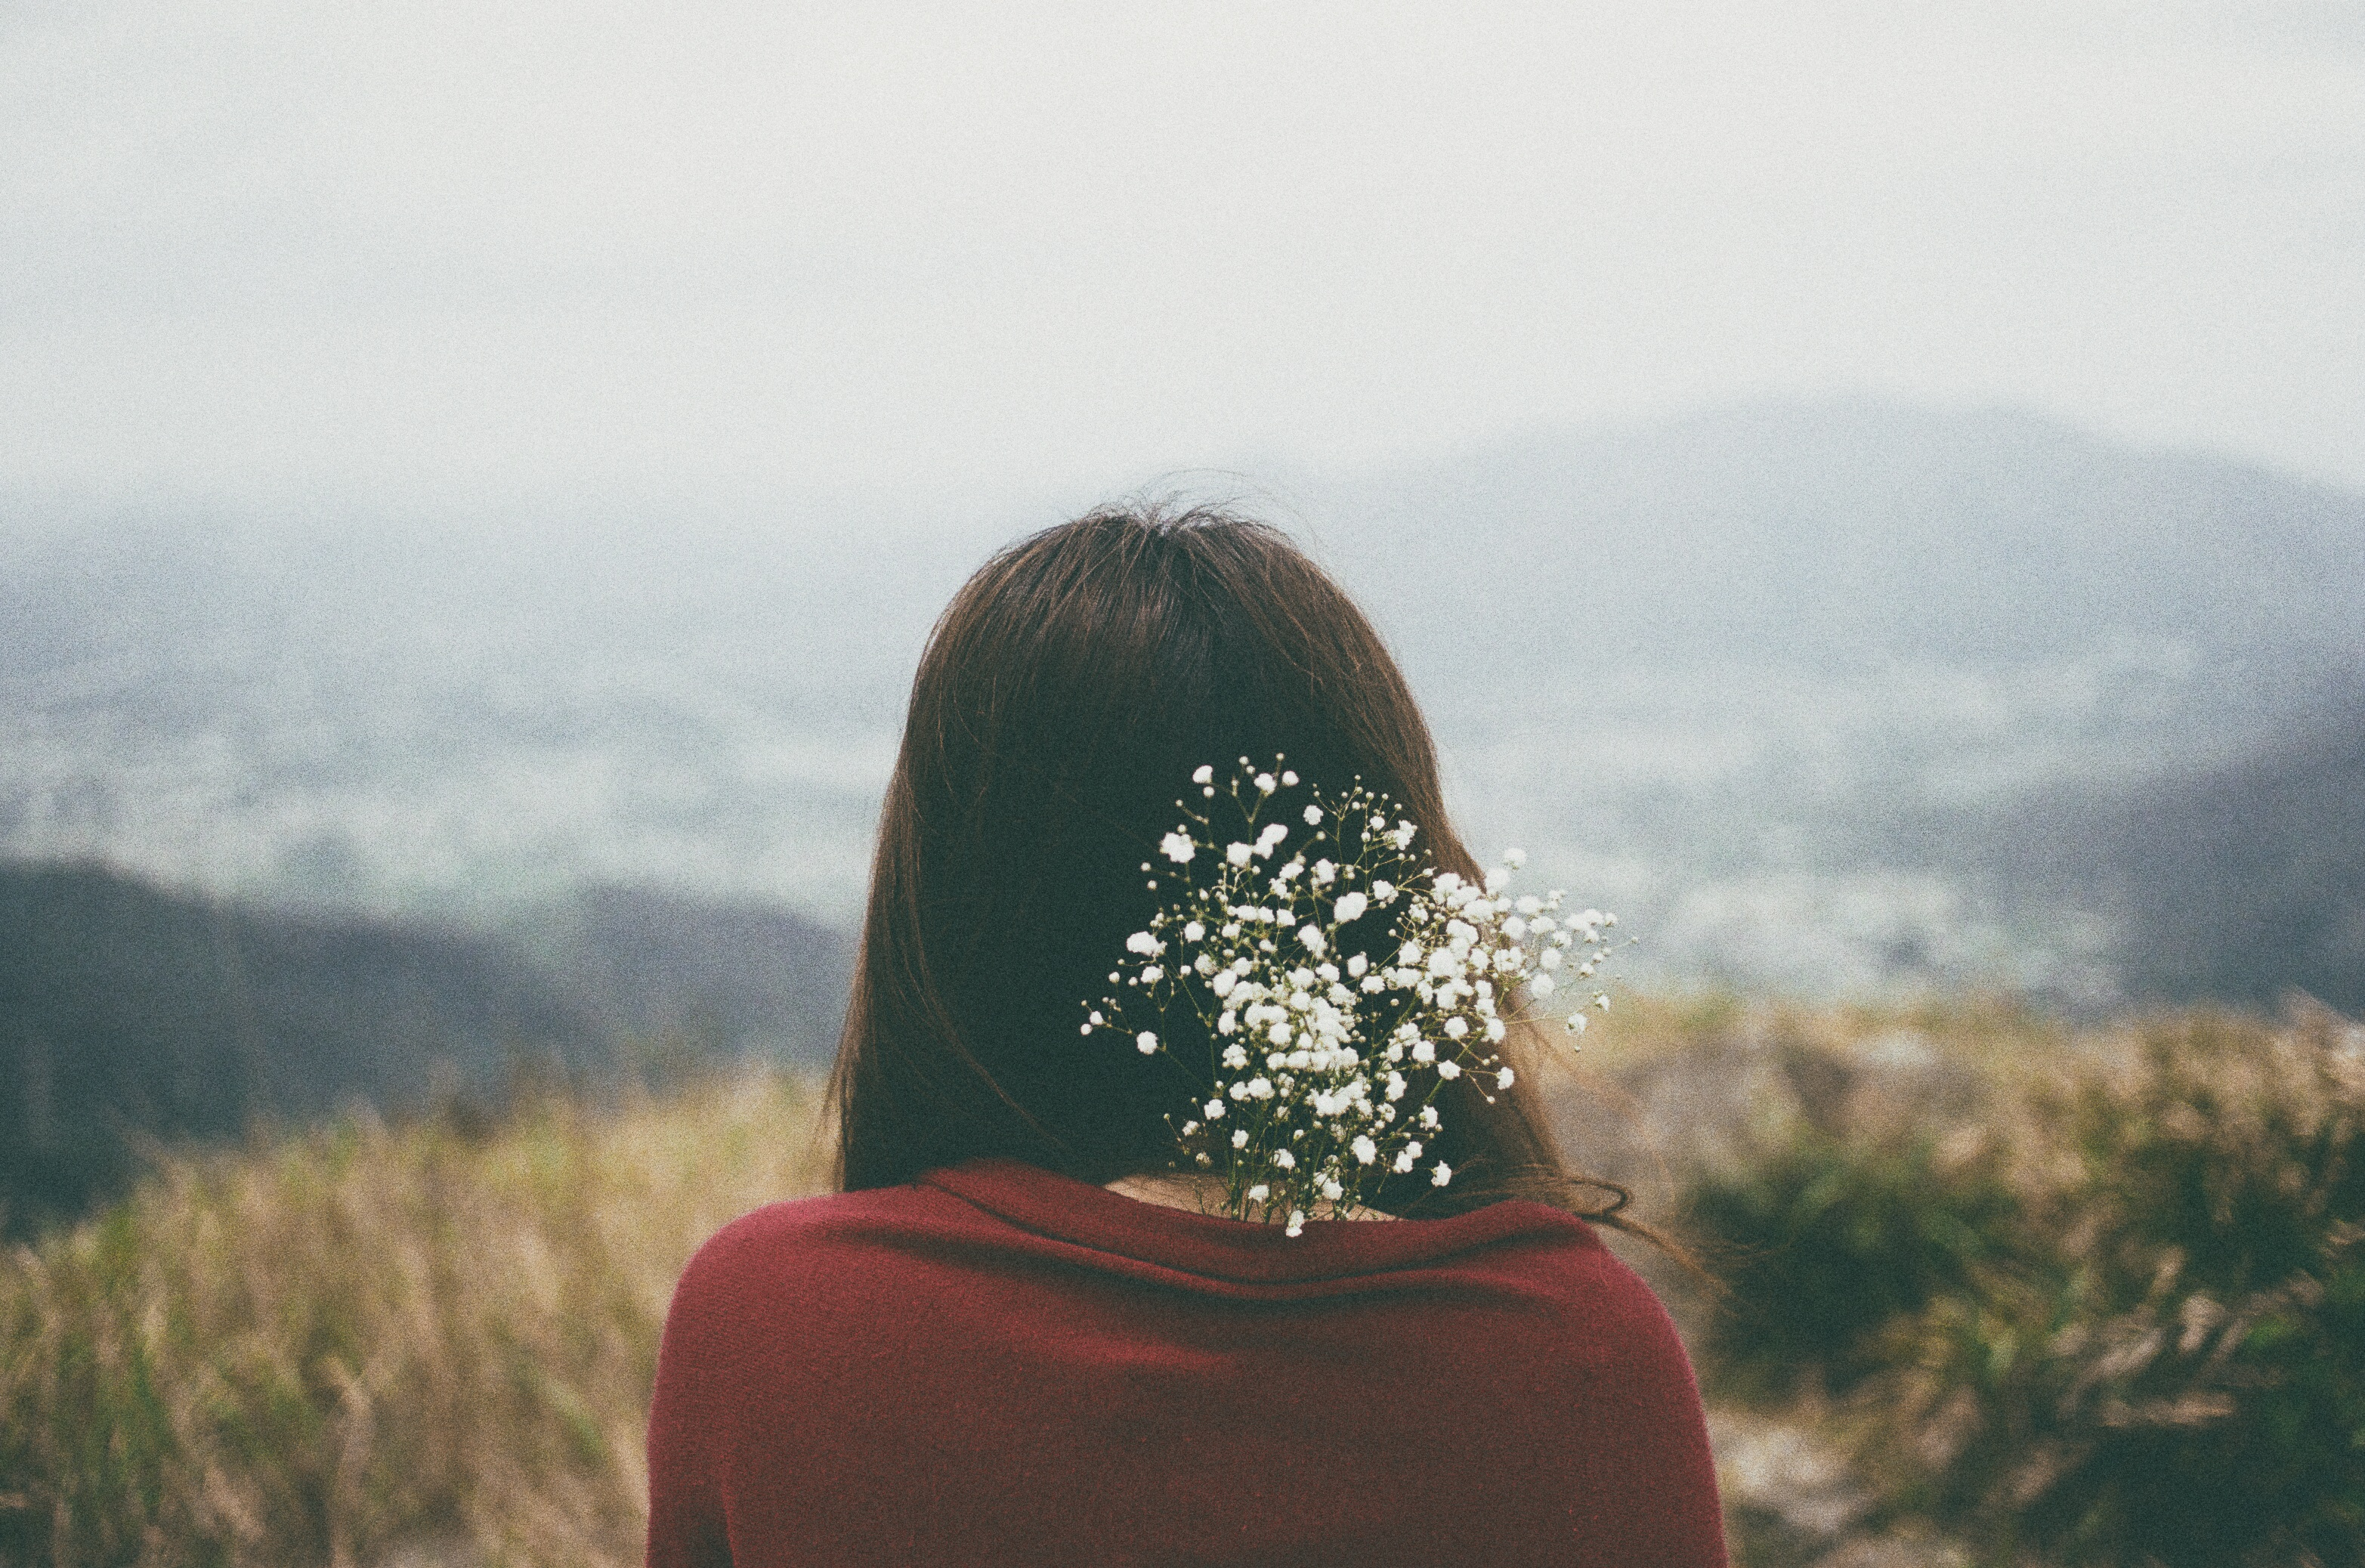 Gửi người yêu mới của người yêu cũ: Đừng dại dột mà ghen tuông với tình cảm đã qua - Ảnh 4.